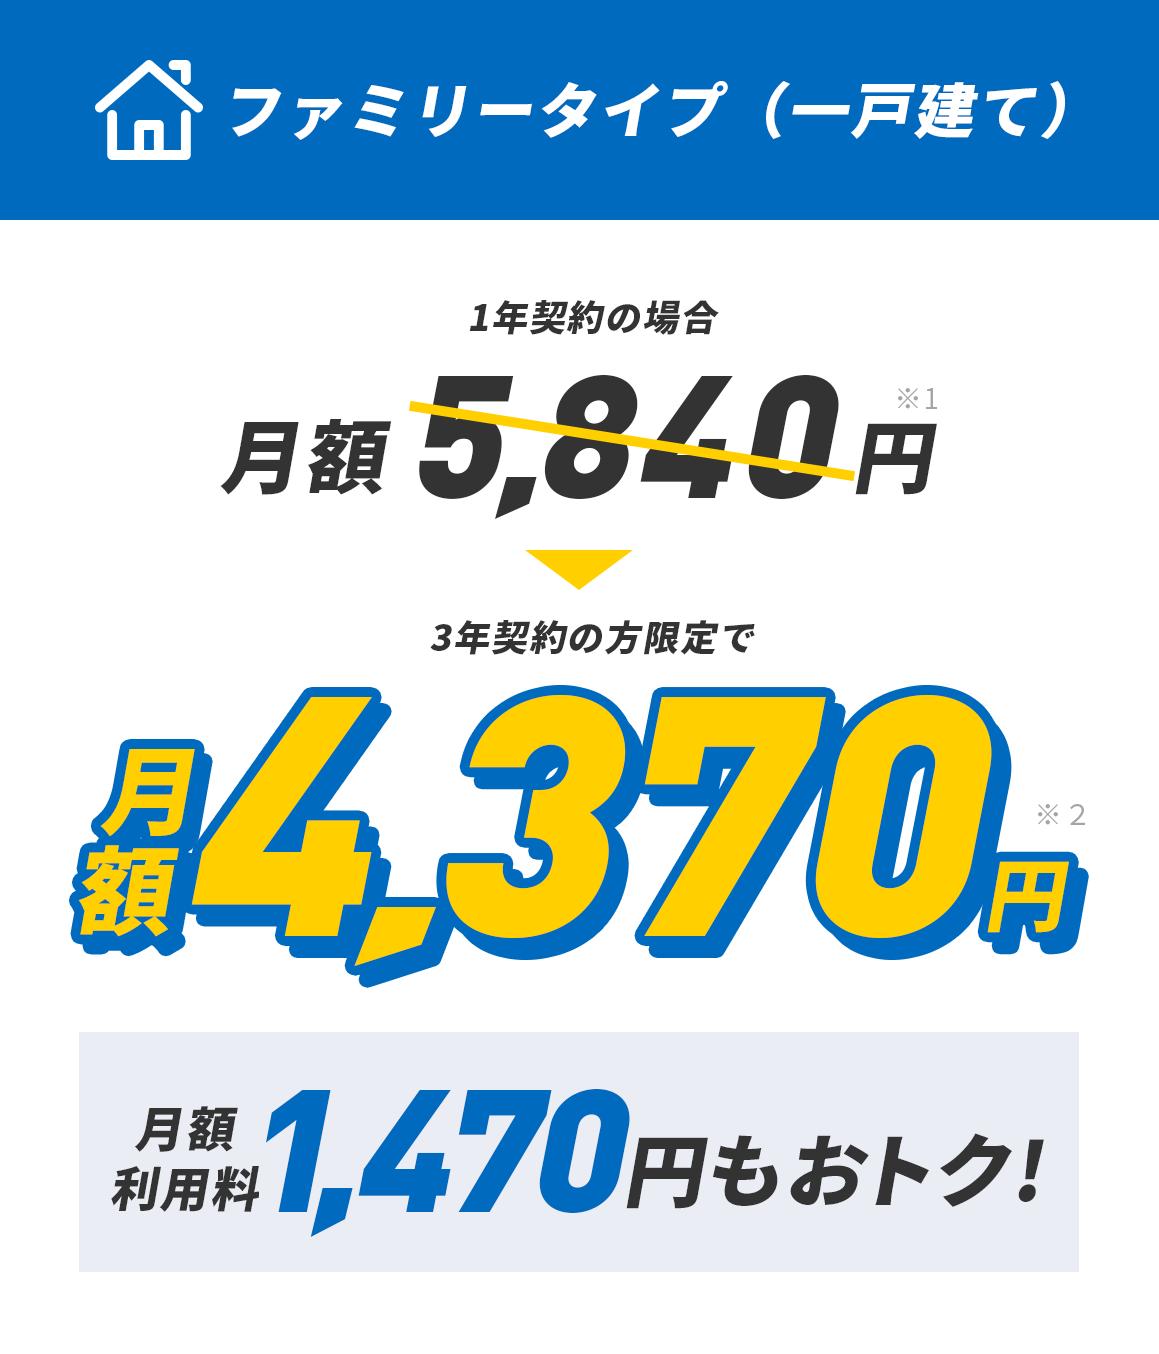 ファミリータイプ一 戸建て 月額利用料710円もおトク!